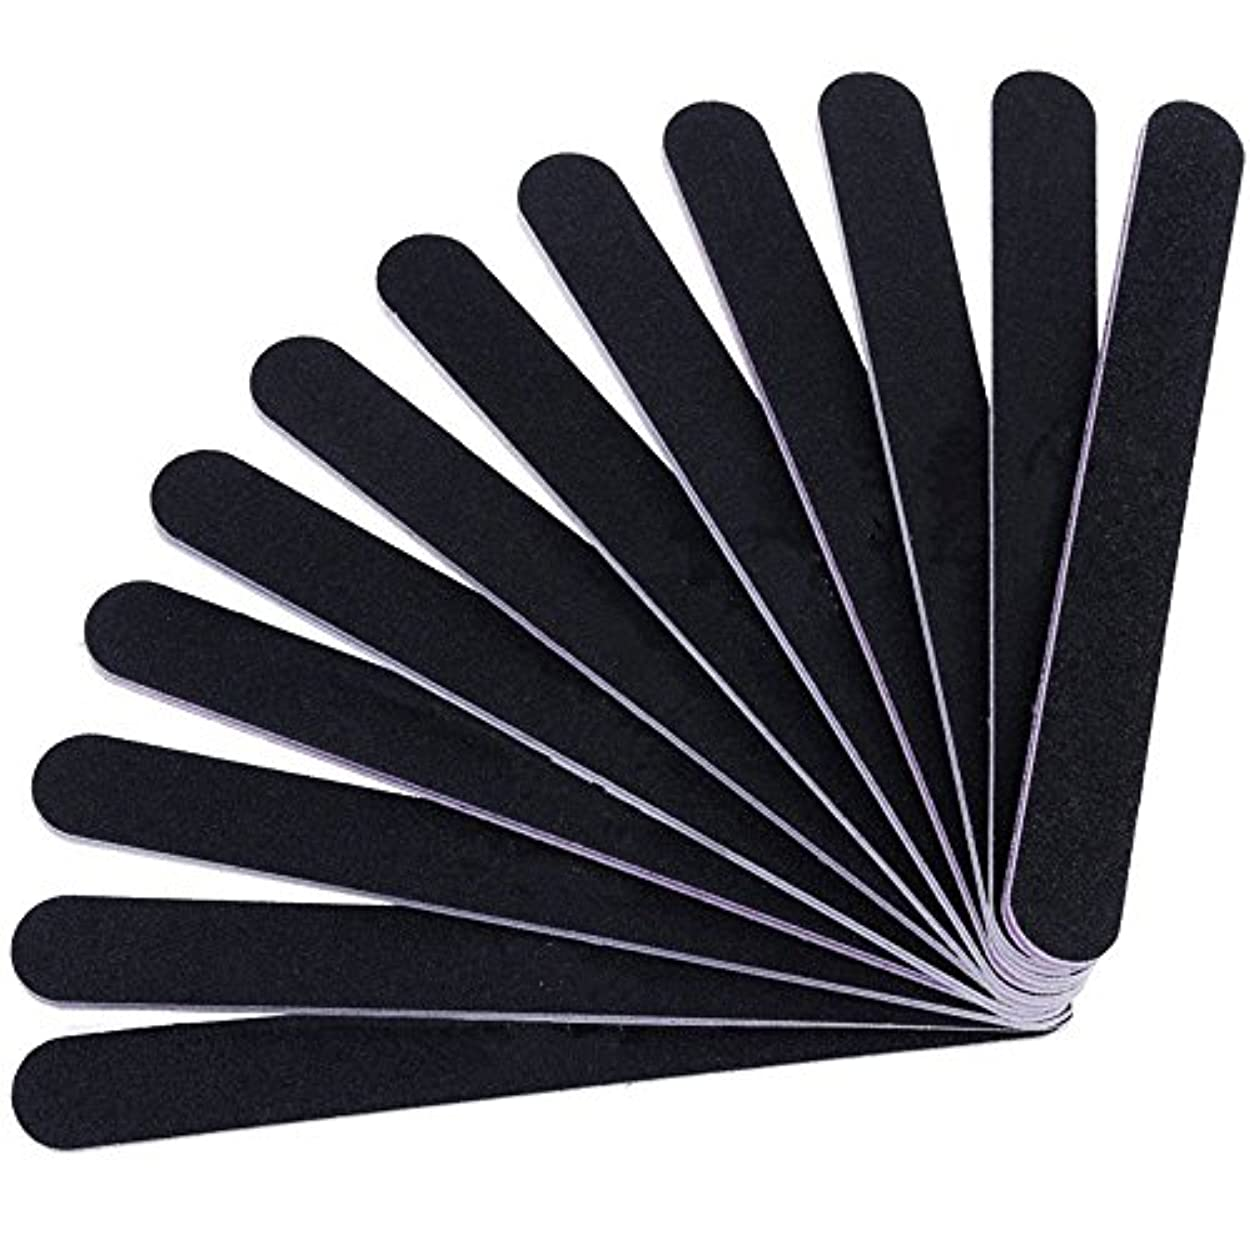 人気の大学ブリード12本セット ネイルファイル ZILONG 爪磨き 爪やすり 両面タイプのエメリーボード 100/180グリット ネイルやすり お手入れ ブラック